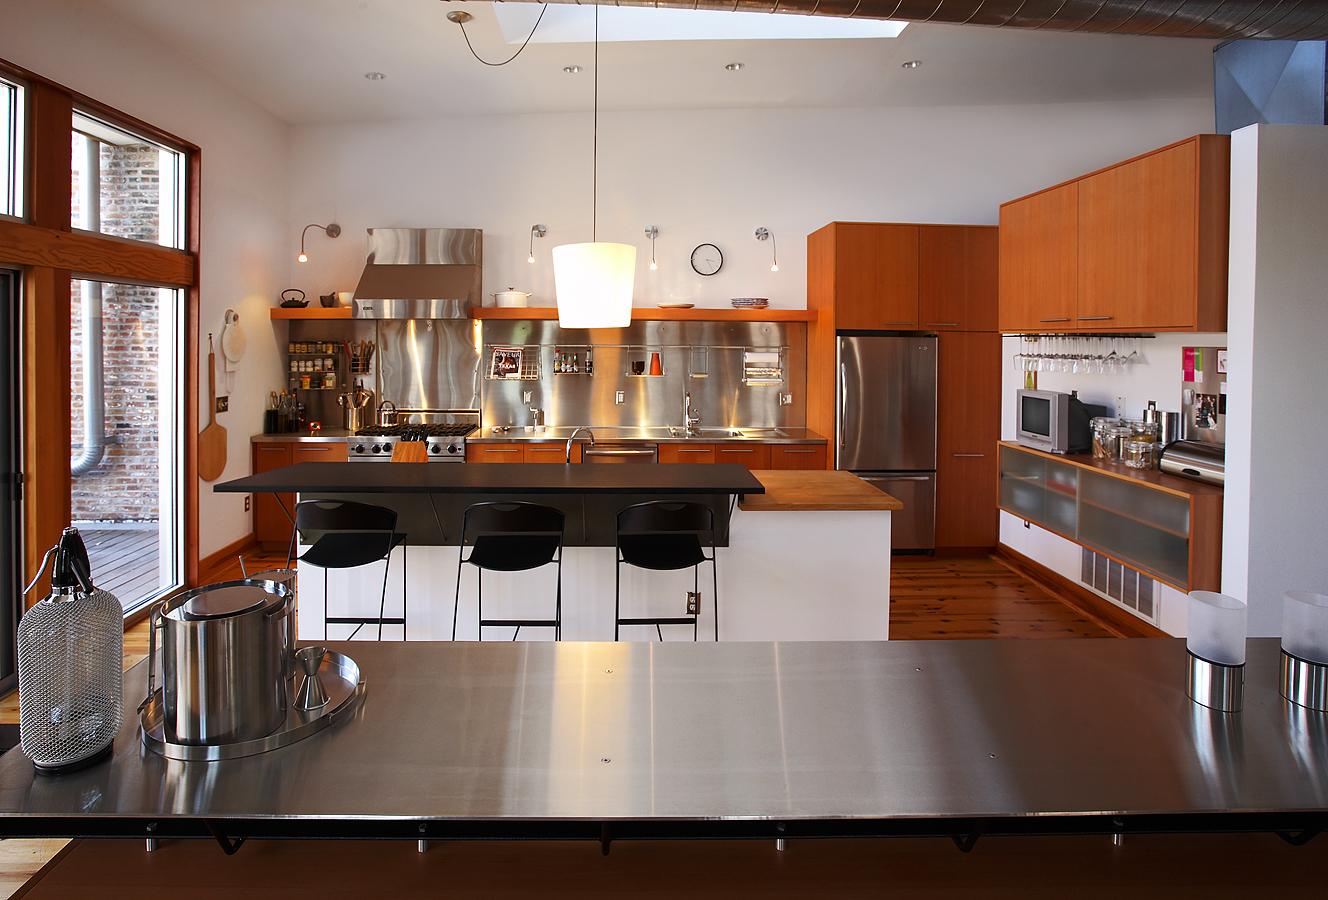 Soulard Loft Apartments - Home Desain 2018